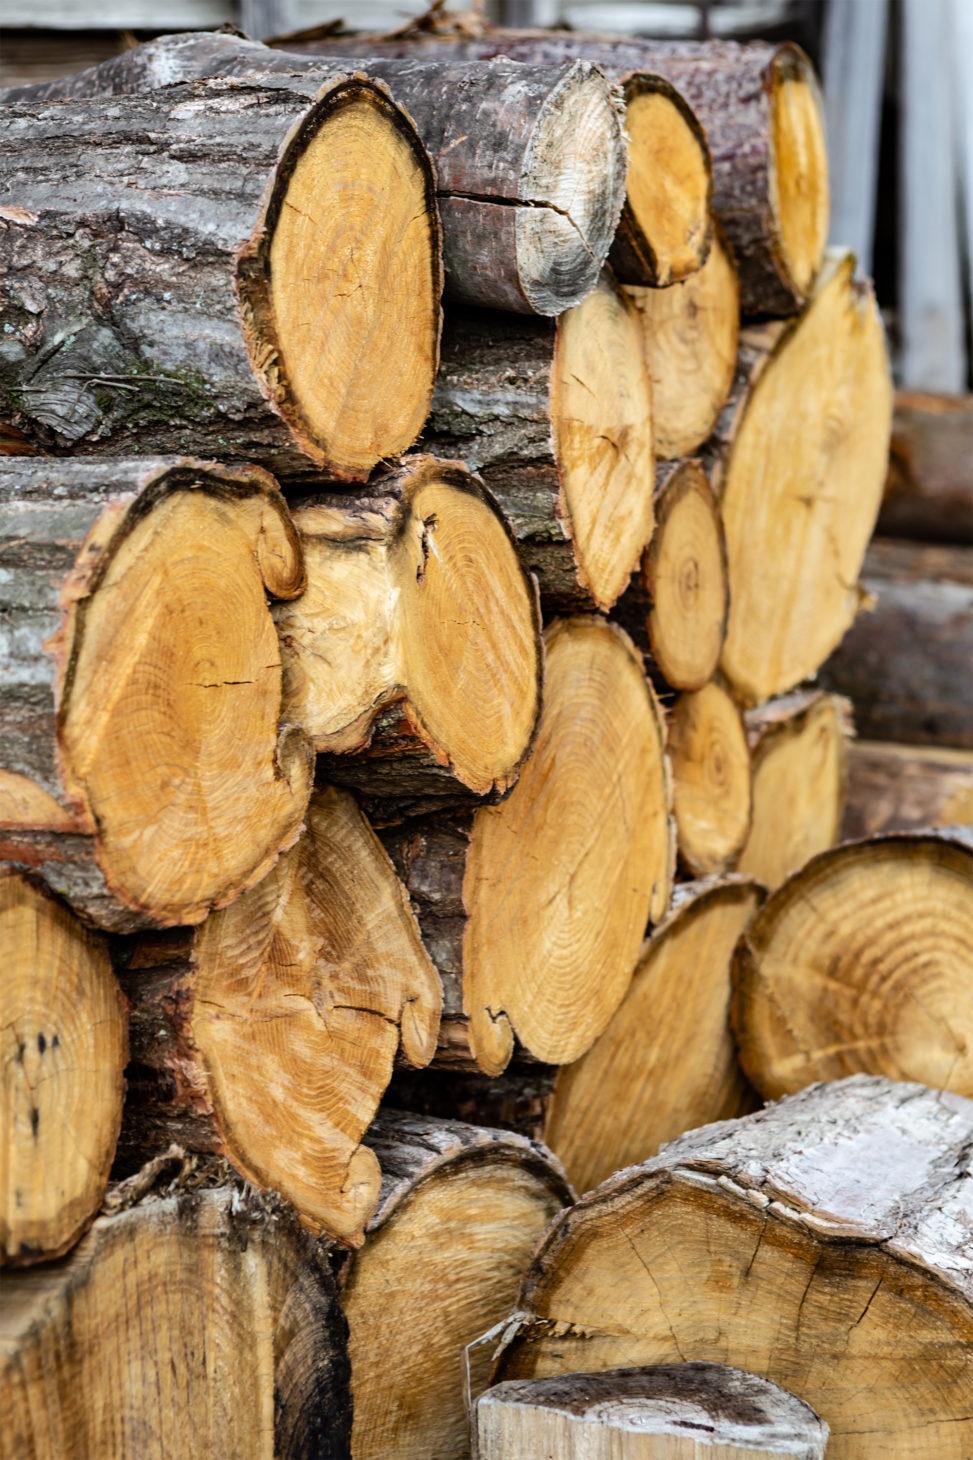 丸太・薪の写真素材